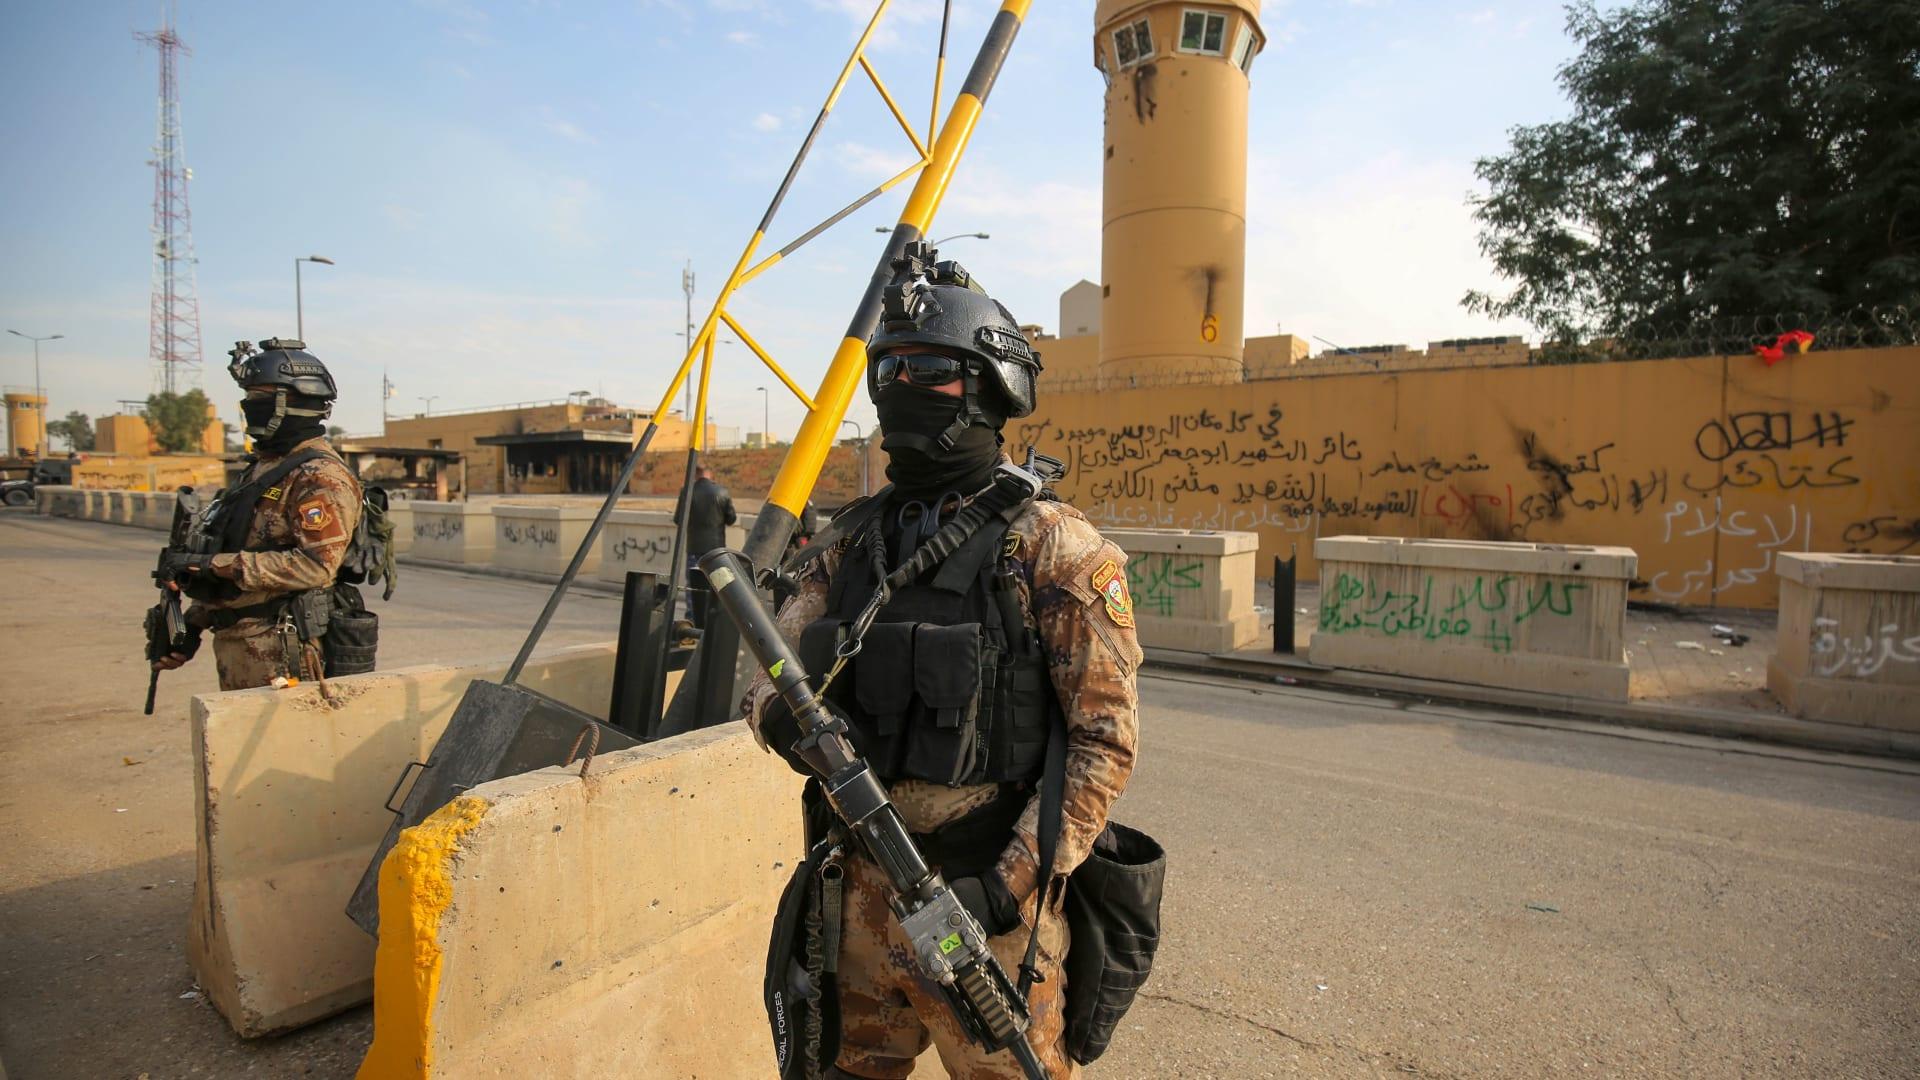 تسلسل زمني لقصف إيران قاعدتين لقوات أمريكية بصواريخ باليستية